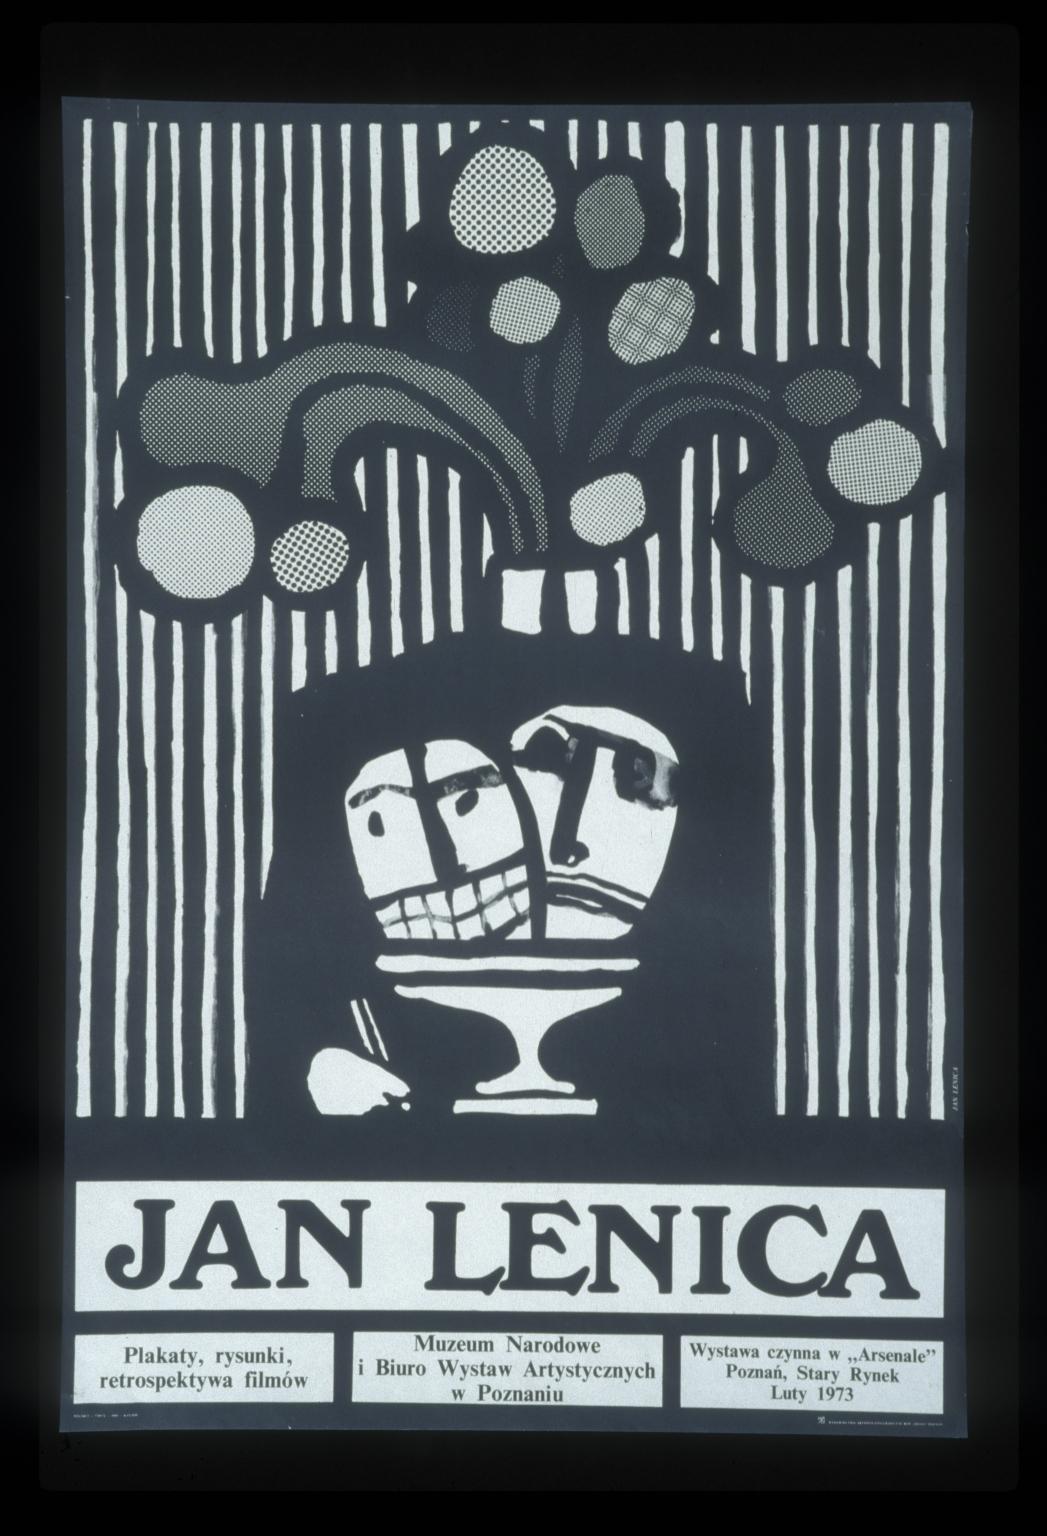 Jan Lenica: plakaty, rysunki, retrospektywa filmow : Muzeum Narodowe i Biuro Wystaw Artystycznych w Poznaniu  luty 1973